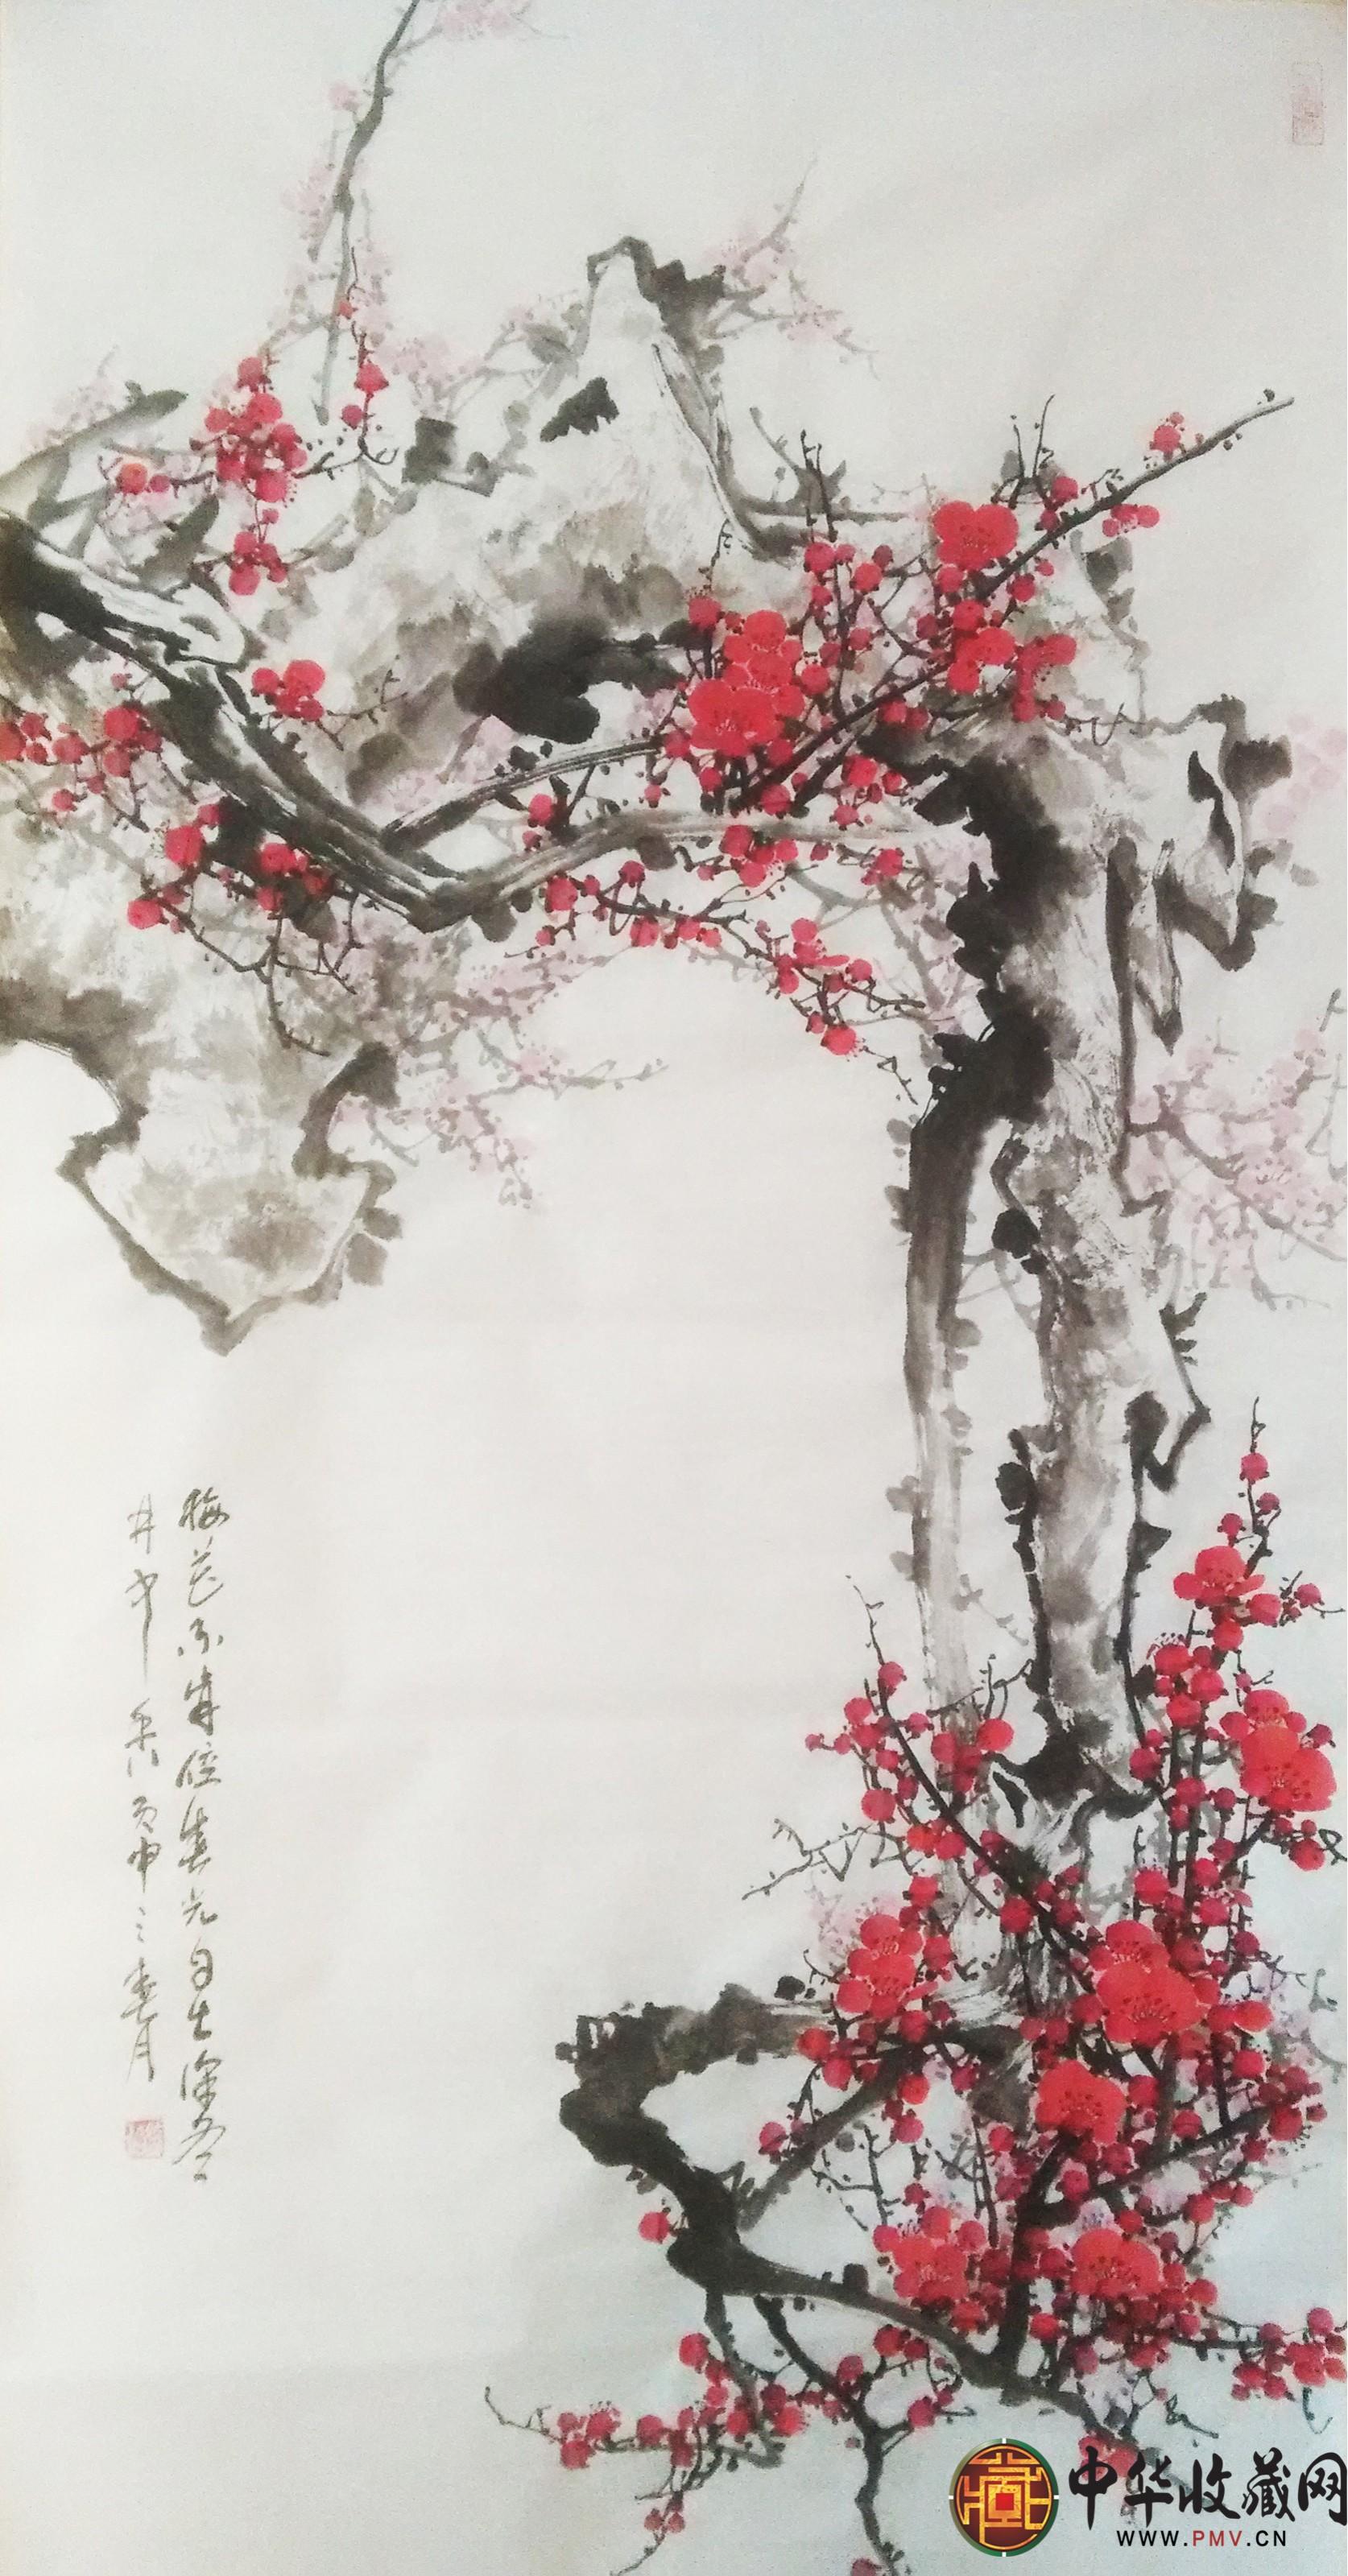 李森四尺竖幅国画作品《梅花不肯傍春光自在深冬月中香》